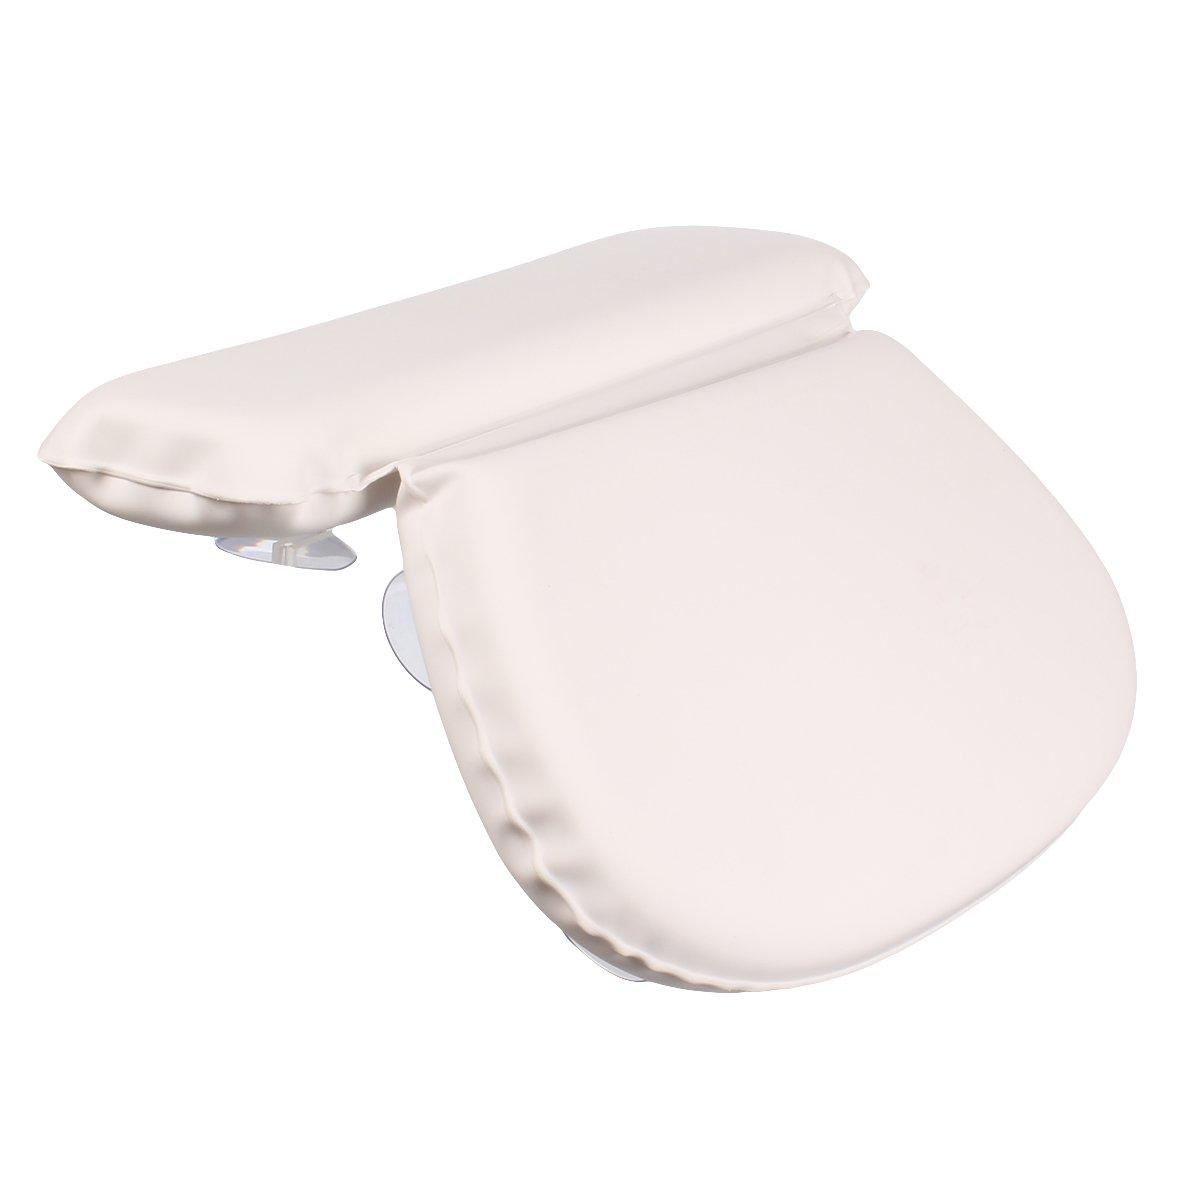 Ezeso Spa Oreiller de bain imperméable antidérapant éponge Coussin en mousse à mémoire appui-tête Soft Shoulder support de cou avec crochets à ventouse EZESO Co. Ltd